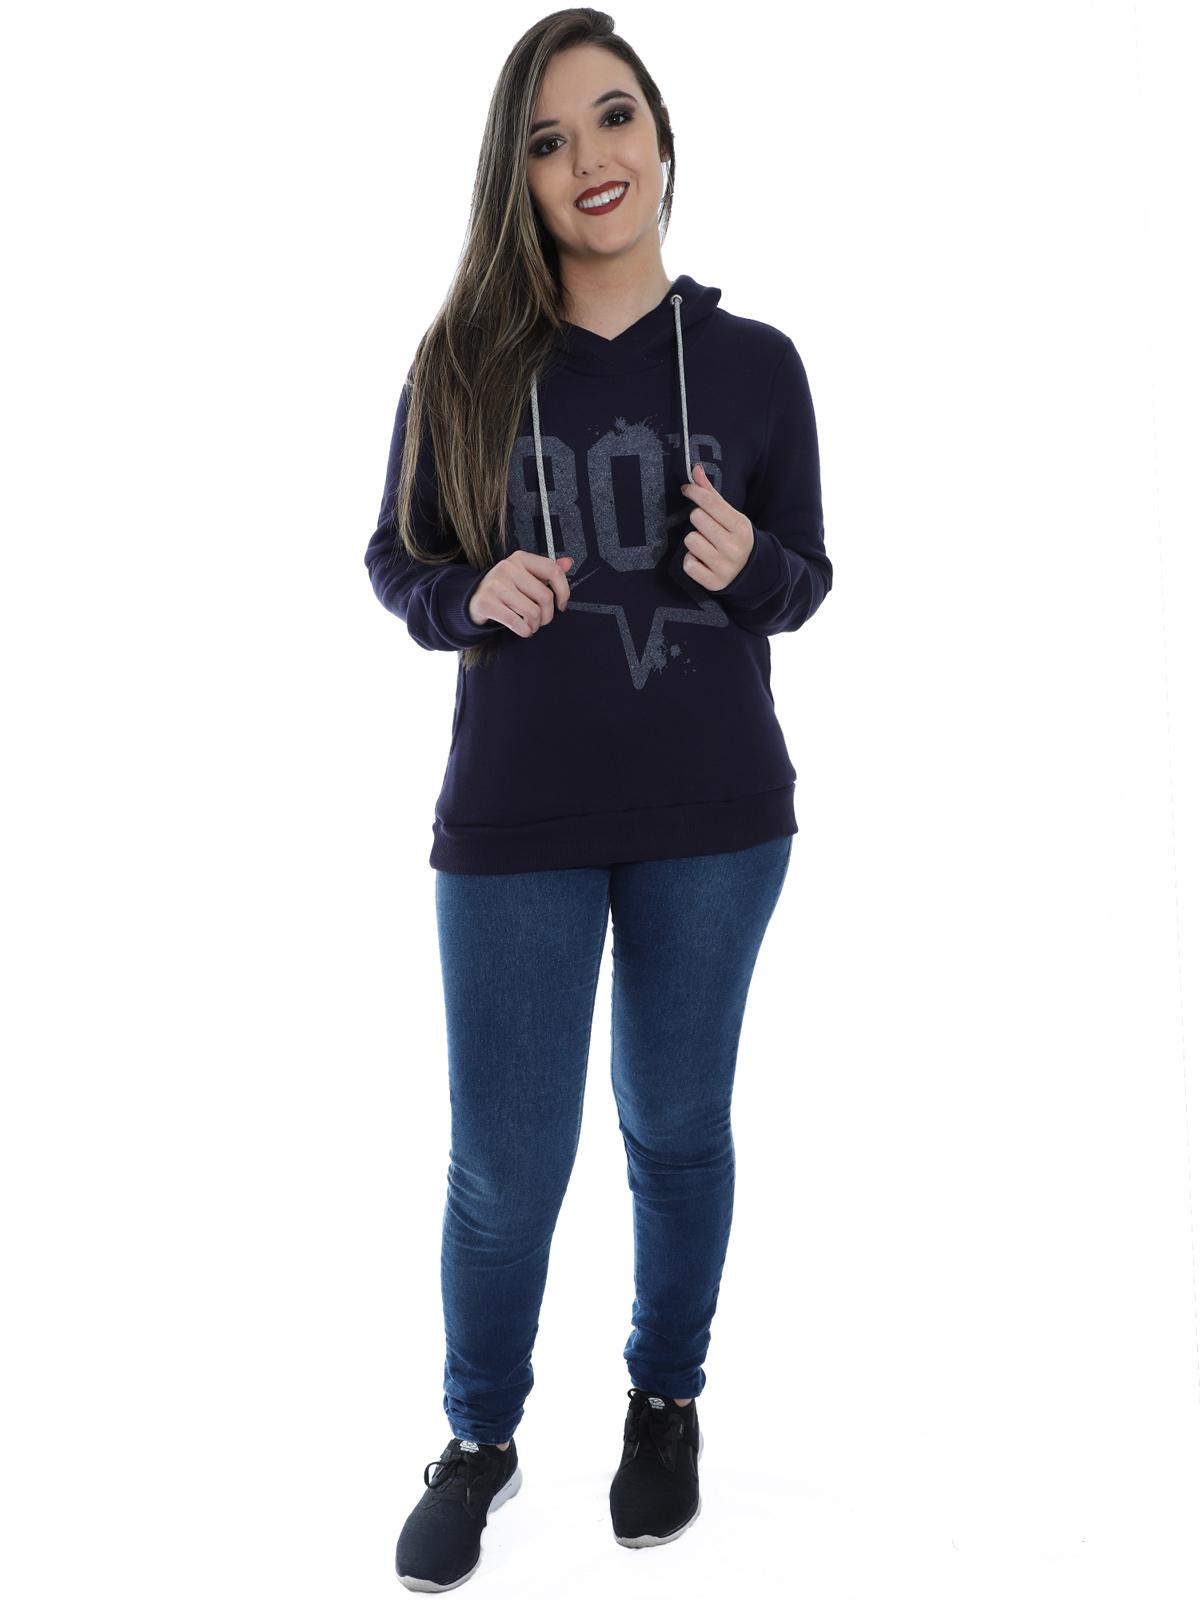 Blusa Moletom Feminino Estampa Com Capuz Confortável Azul Marinho